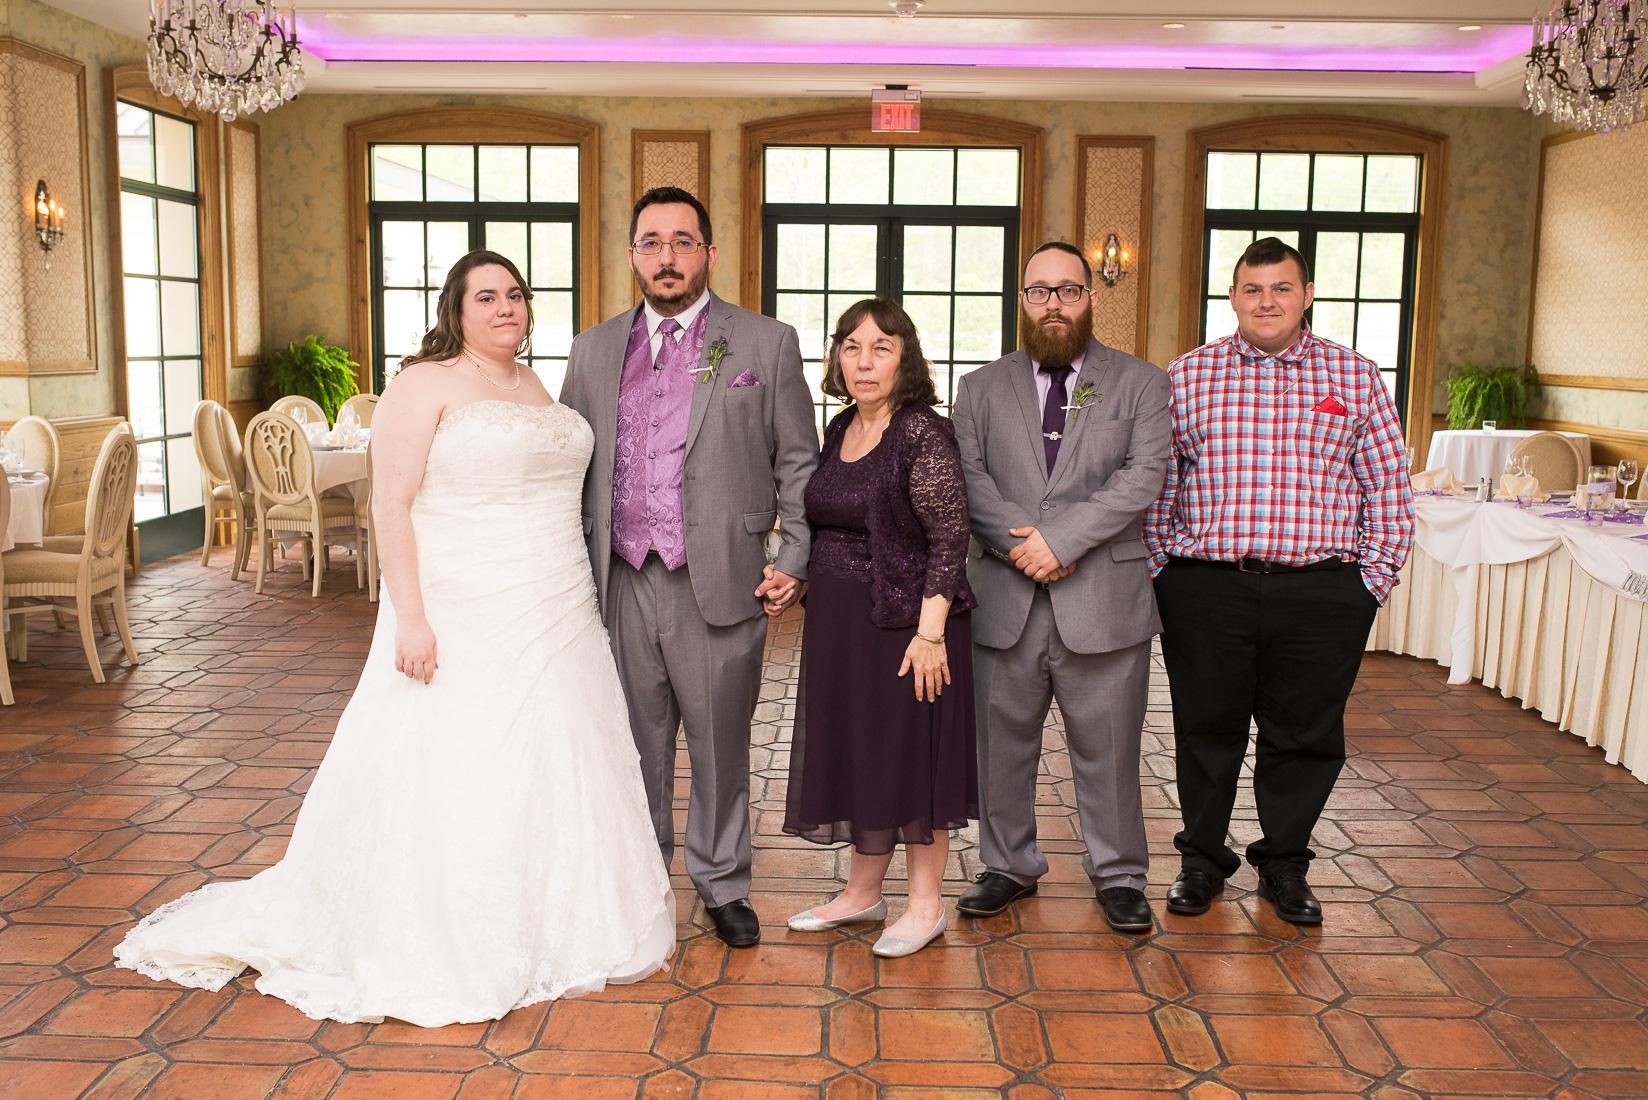 Manor-SouthOrange-NJ-wedding-0021.jpg